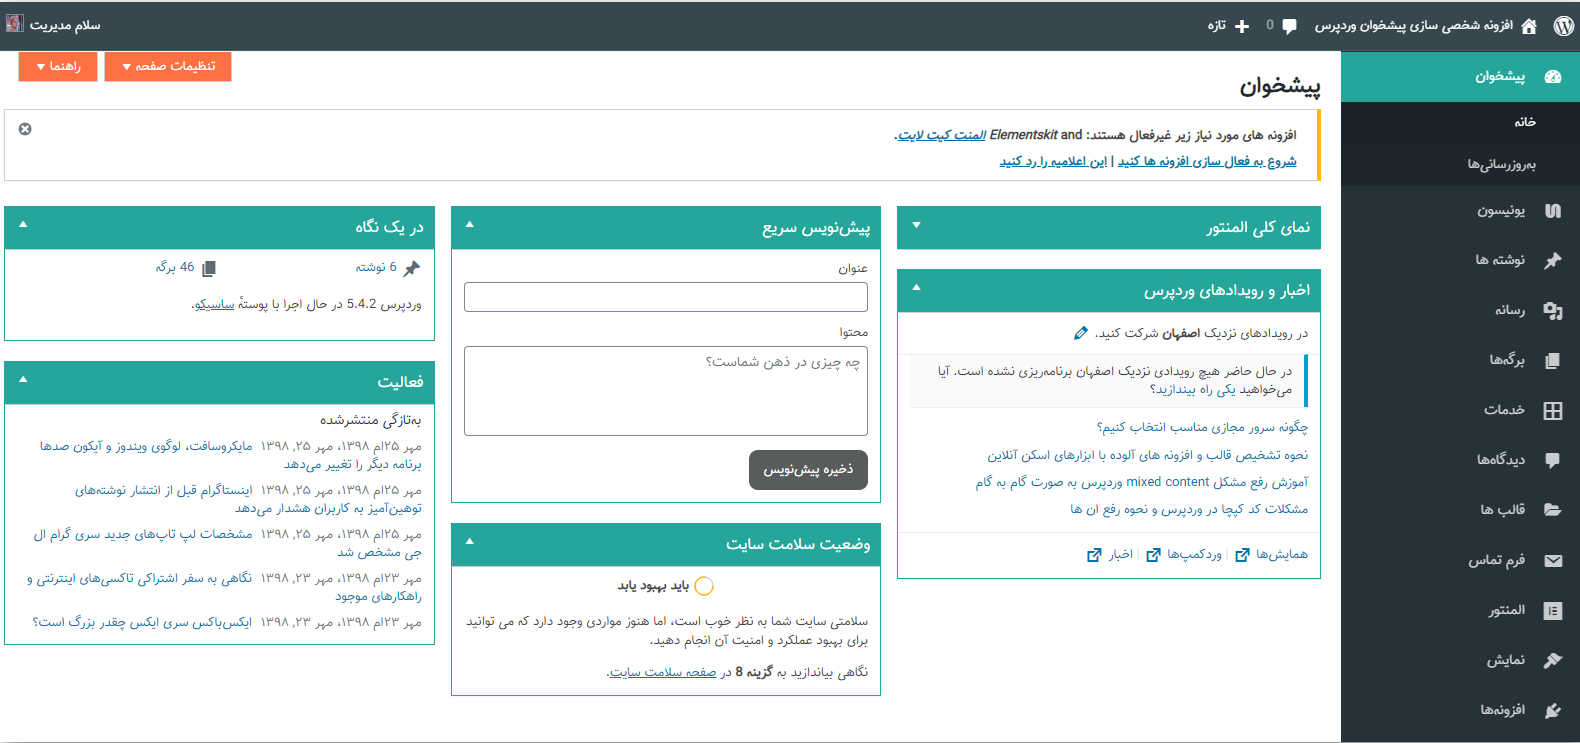 افزونه شخصی سازی پیشخوان وردپرس + صفحه ورود | Everest Admin Theme